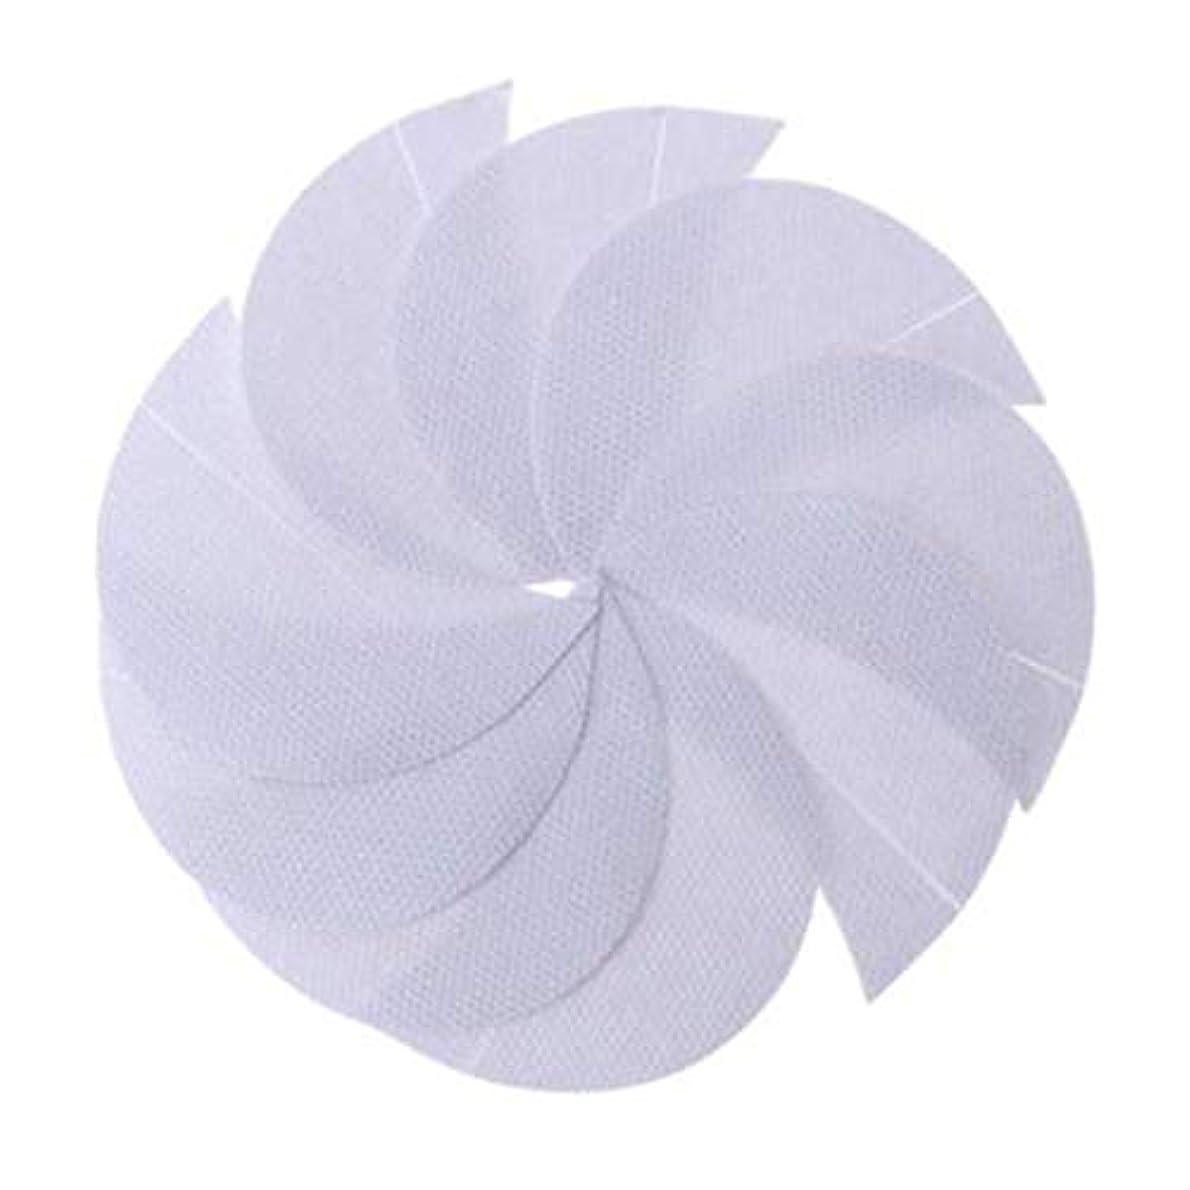 トランペットラッシュフライカイトRabugogo 100個/袋不織布アイシャドーシールドアイシャドージェルパッドパッチアイシャドーステンシル防止まつげエクステ化粧品残留物